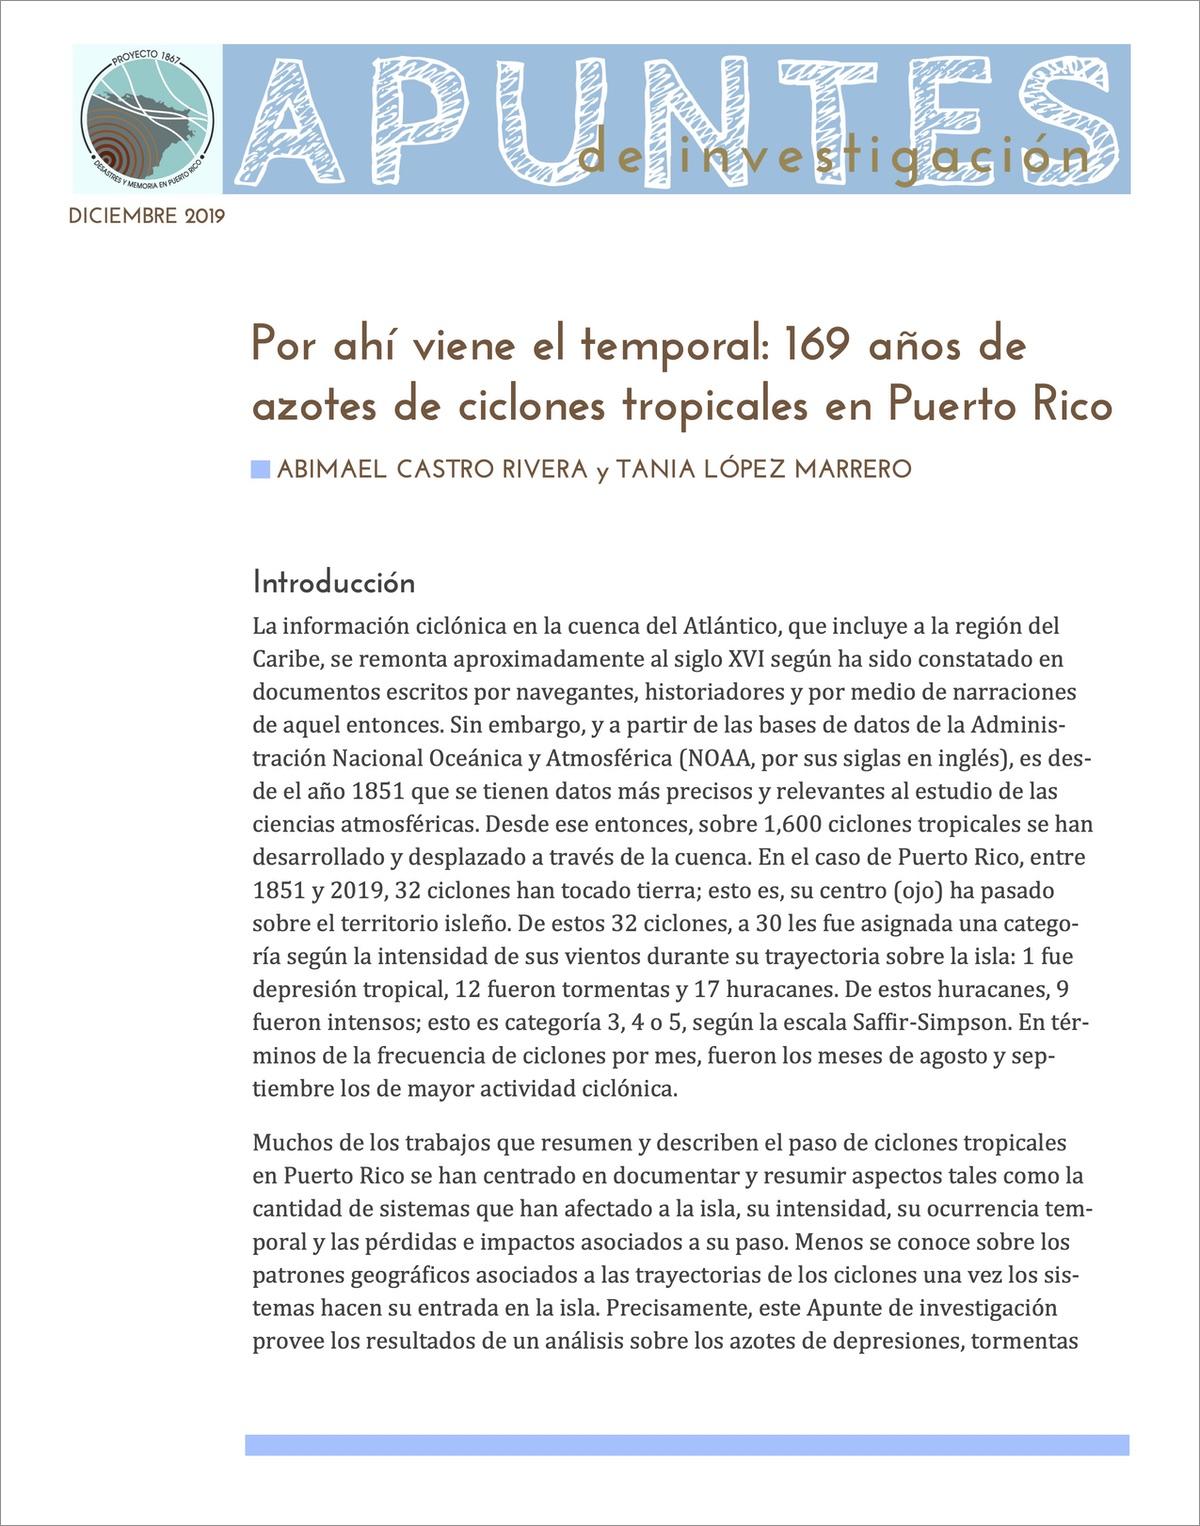 Por ahí viene el temporal: 169 años de azotes de ciclones tropicales en Puerto Rico